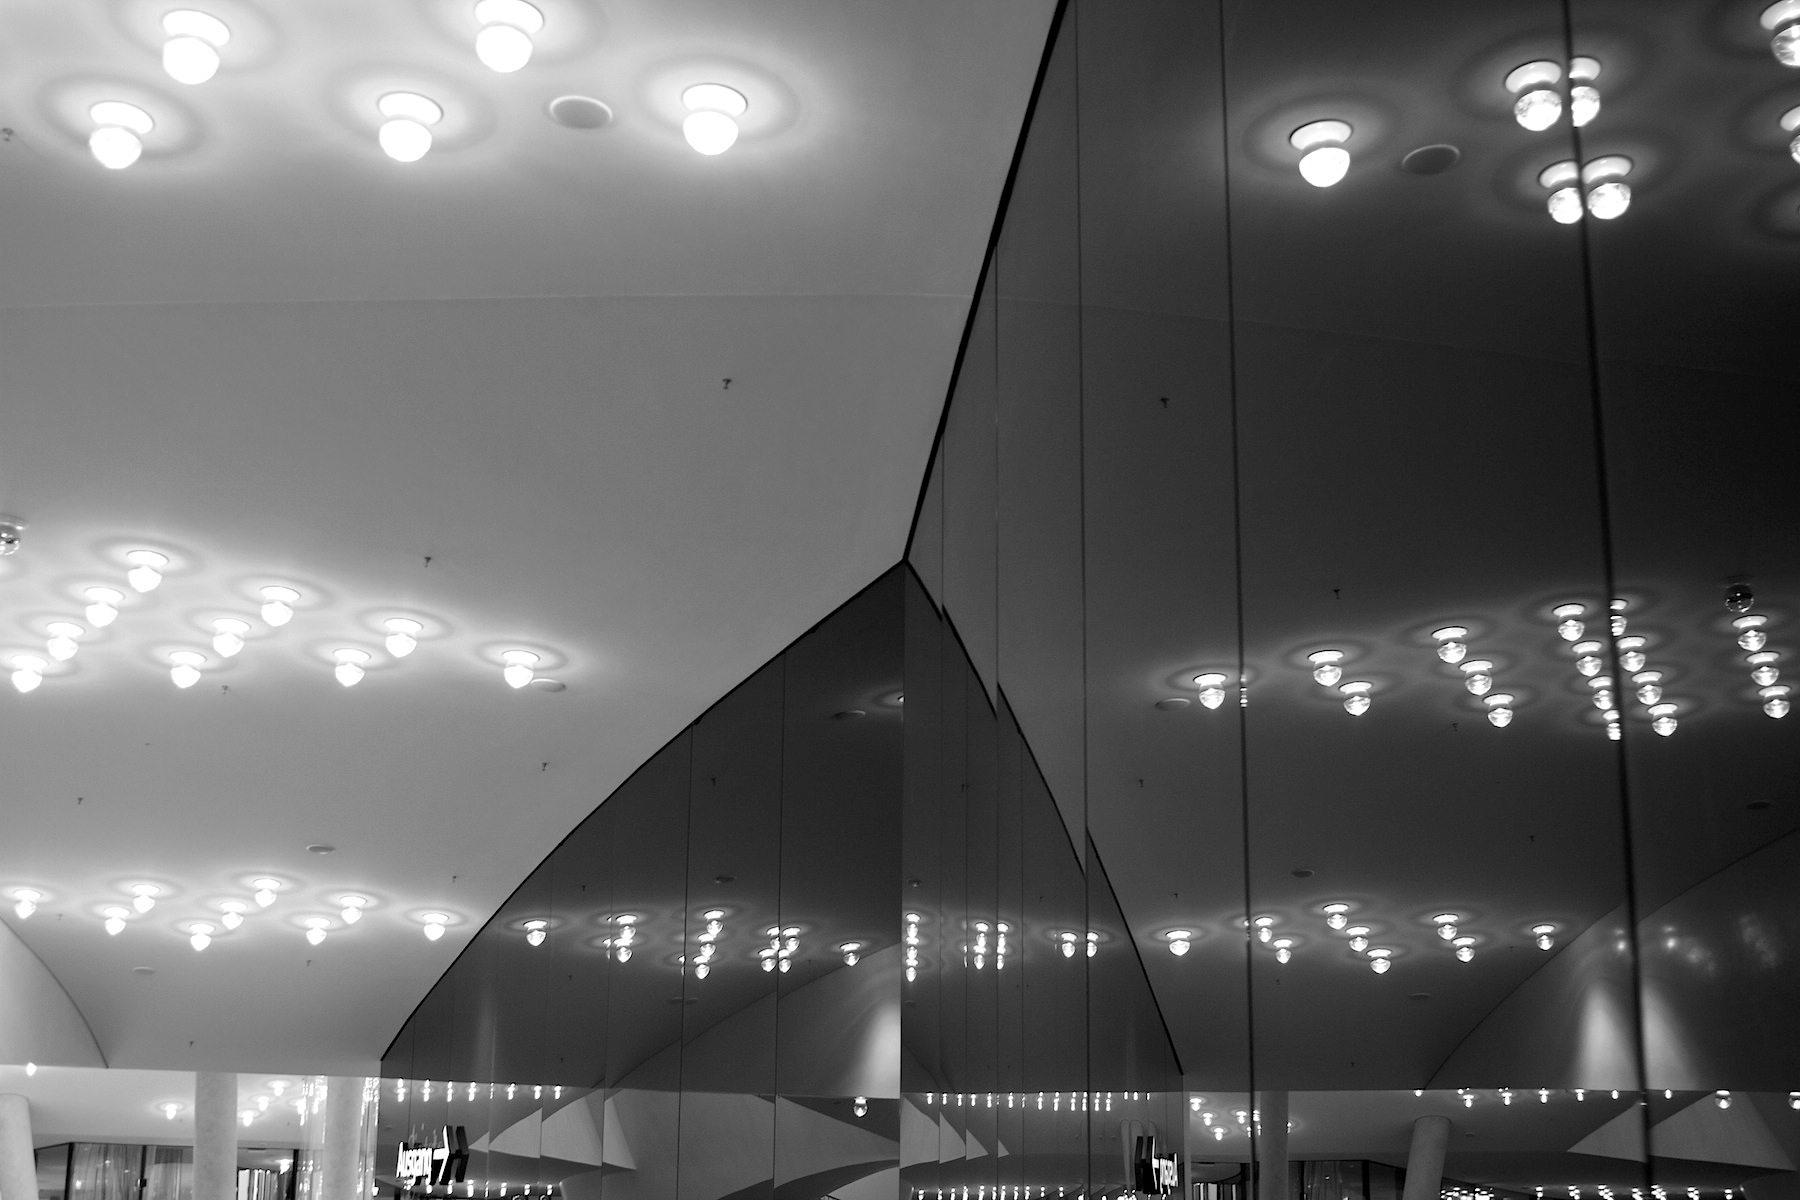 Abbild.  Spiegelung der Leuchtkörper in der Plaza.